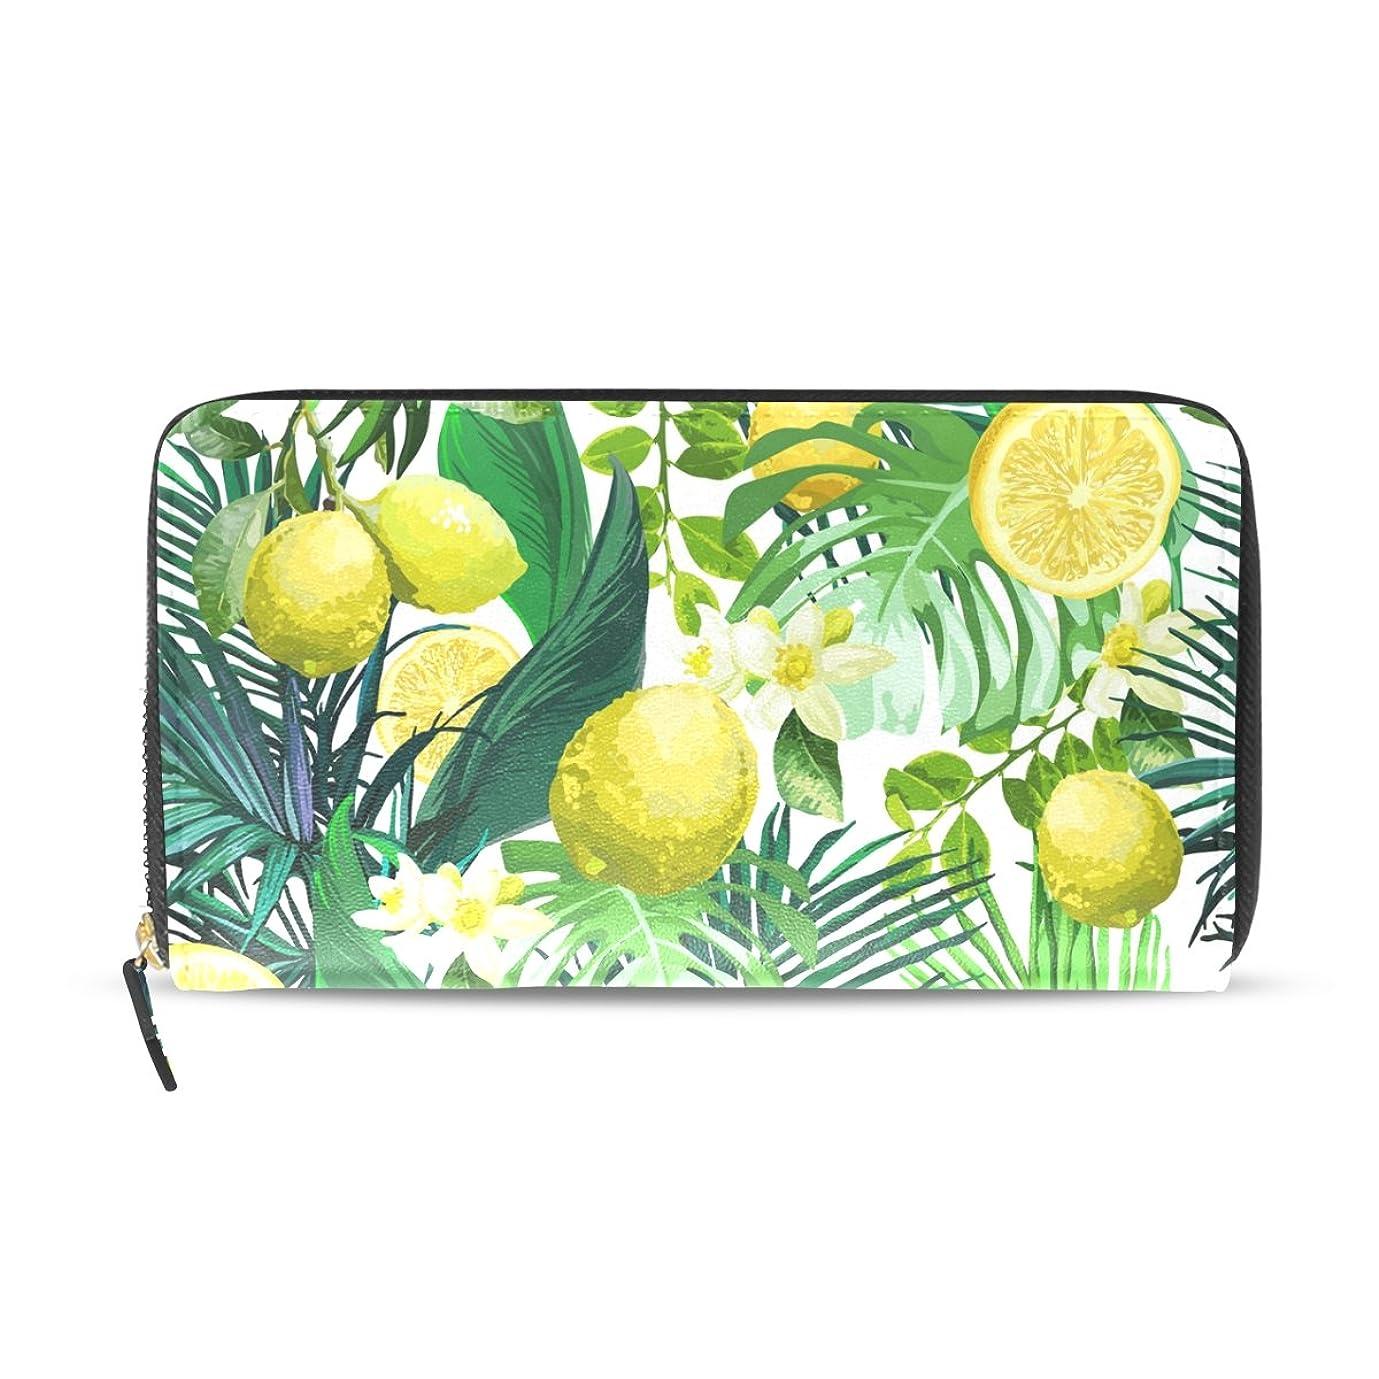 冷蔵庫愛人周波数AOMOKI 財布 レディース 長財布 レモン 黄色 花柄 ラウンドファスナー PUレザー 大容量 二つ折り 幅20*丈11cm